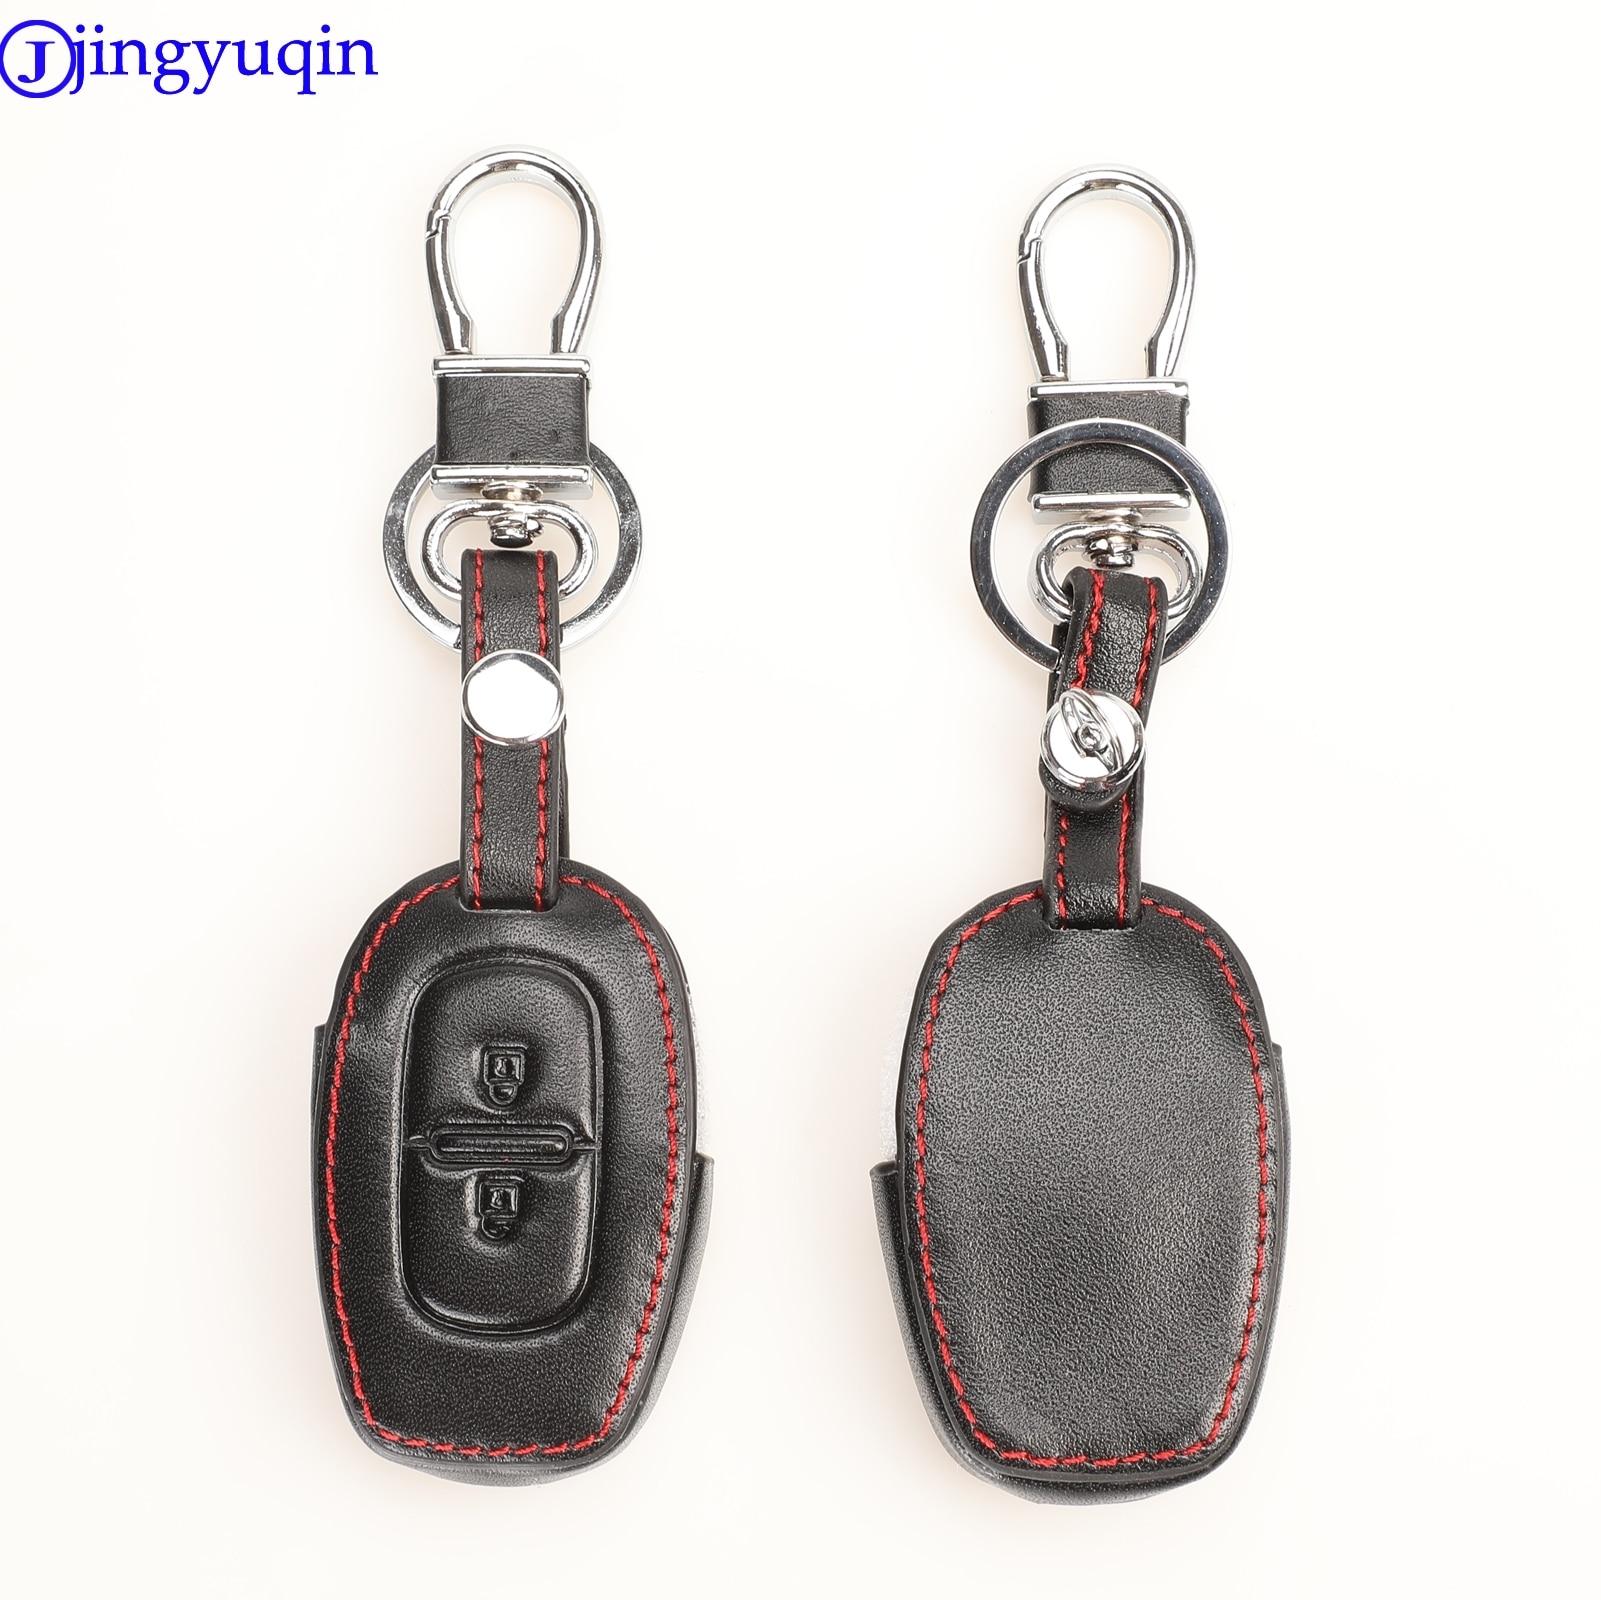 Funda para llave de coche de cuero con control remoto de 2 botones jingyuqin para Renault kwid Symbol Trafic Dacia Sandero Logan Duster 2016-2018